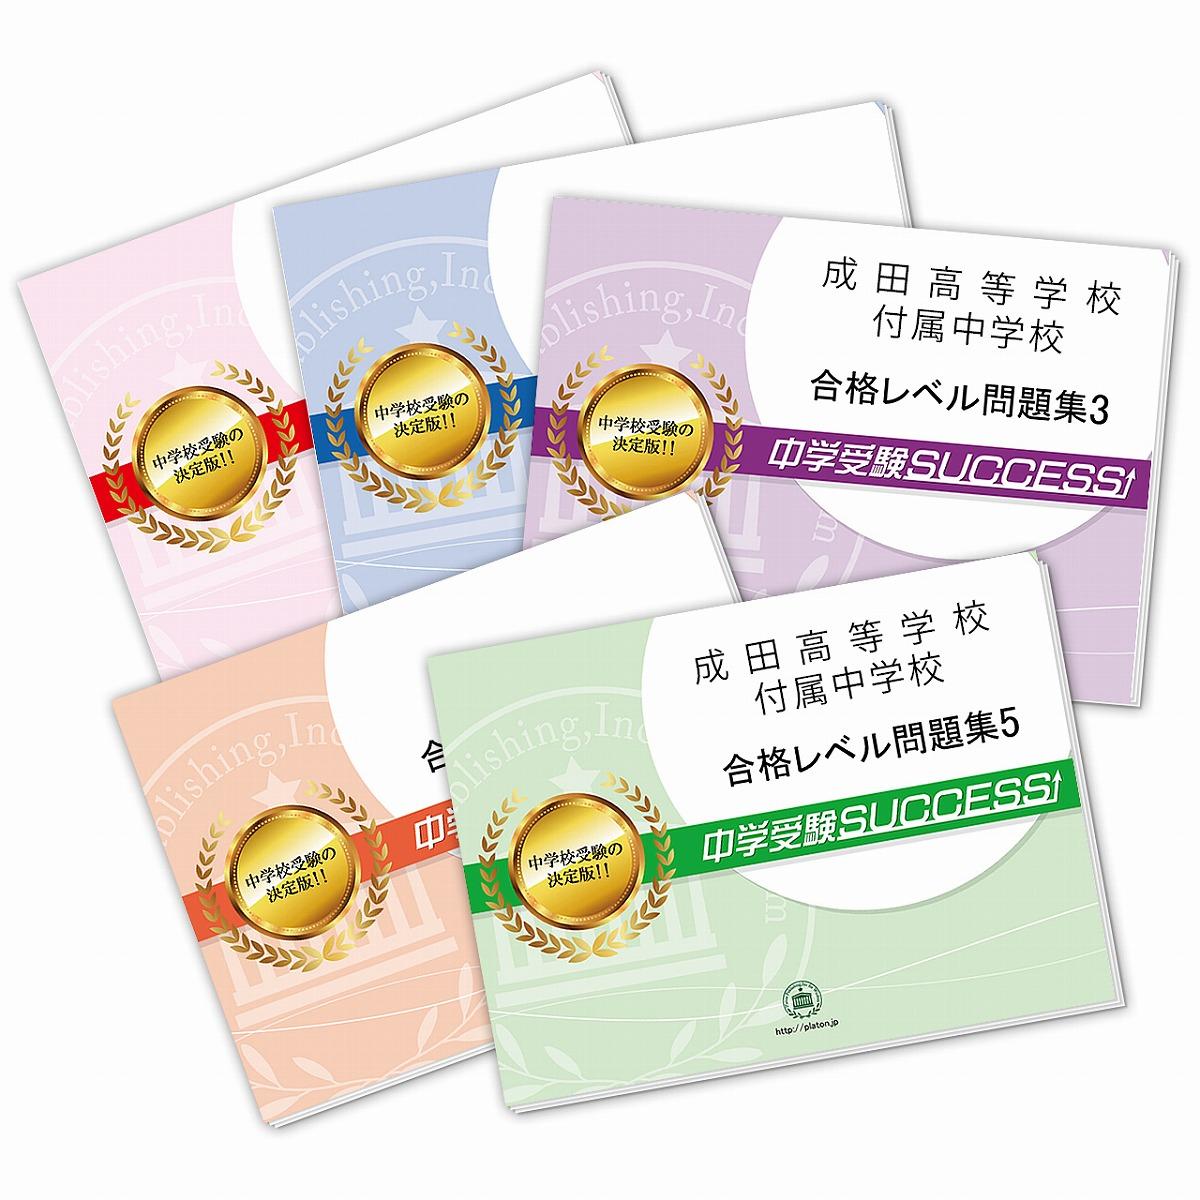 送料 代引手数料無料 5☆好評 成田高等学校付属中学校 5冊 超人気 直前対策合格セット